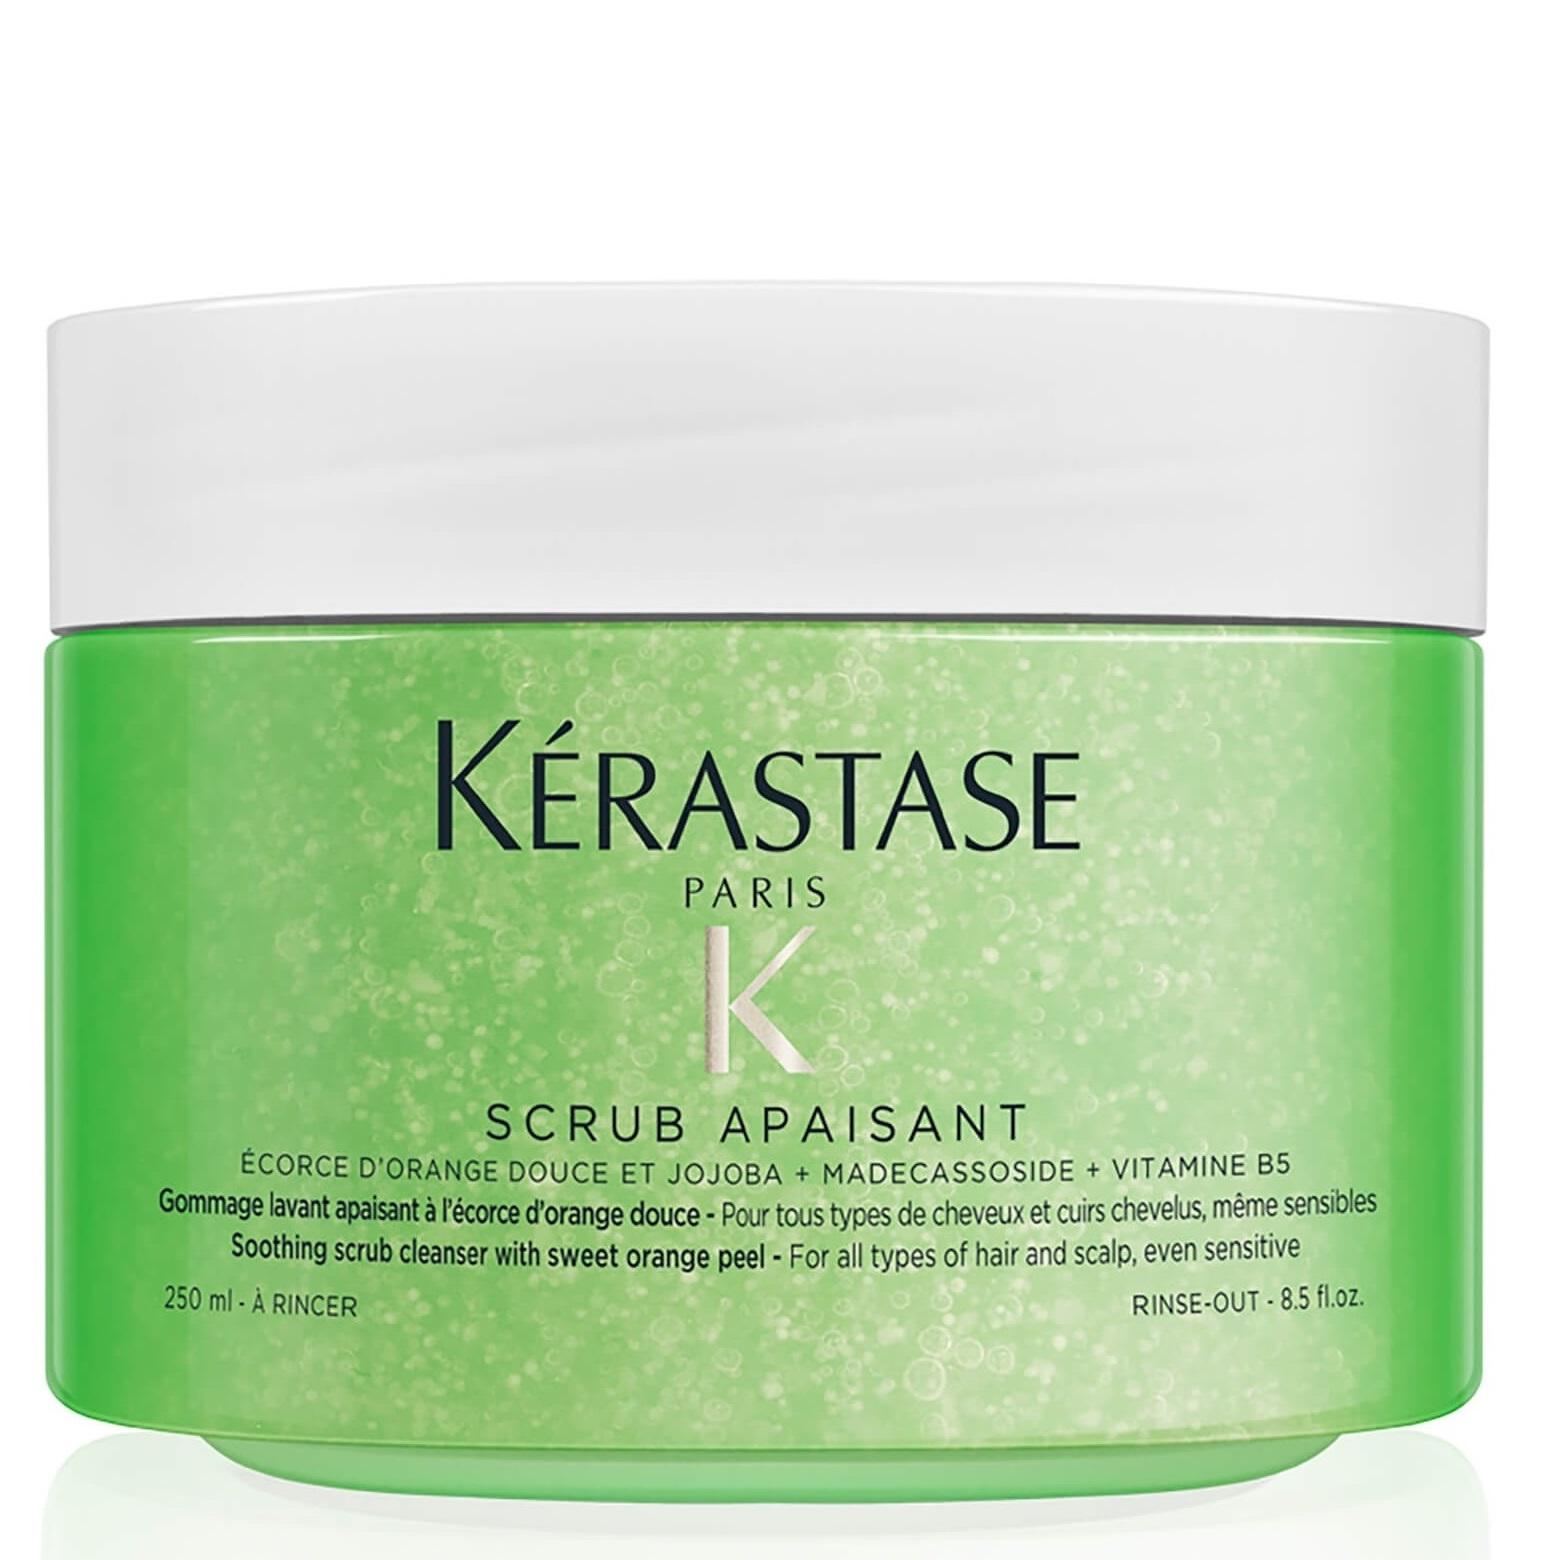 Купить KERASTASE Скраб для волос Апезан / FUSIO-SCRUB 250 мл